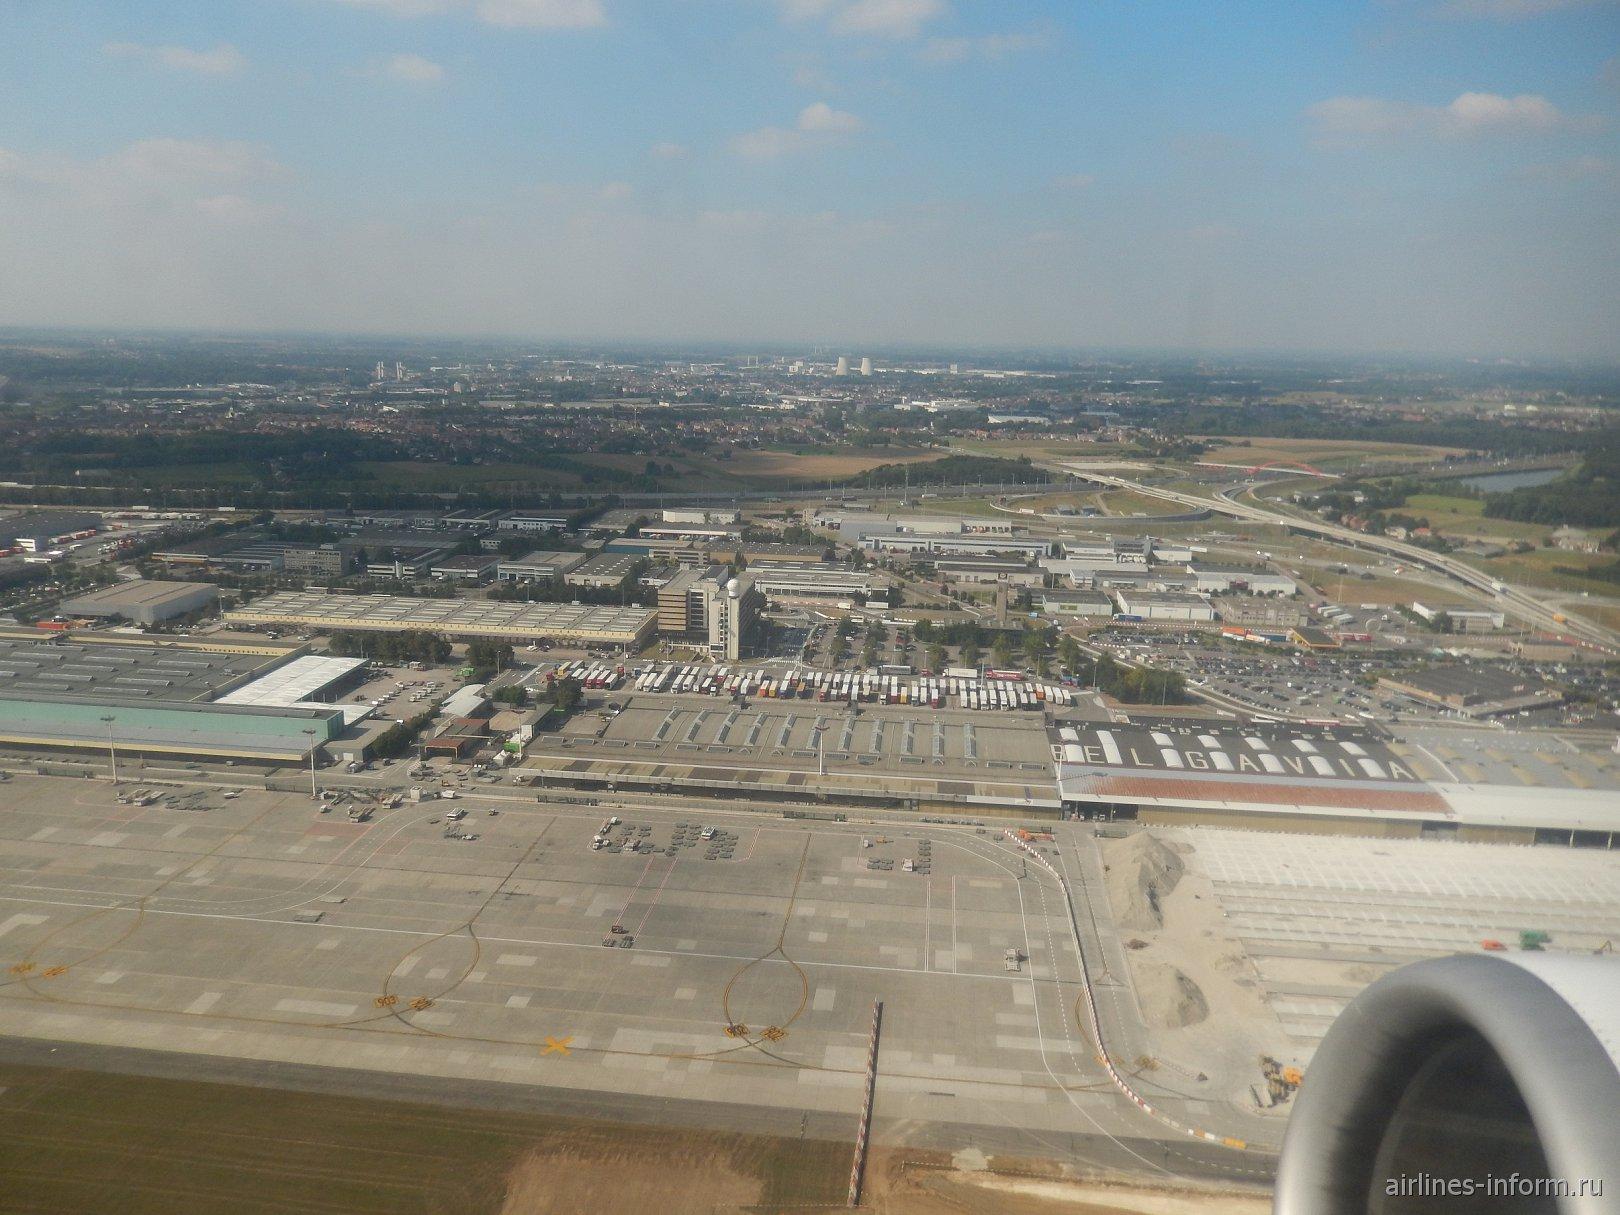 Взлет из аэропорта Брюссель